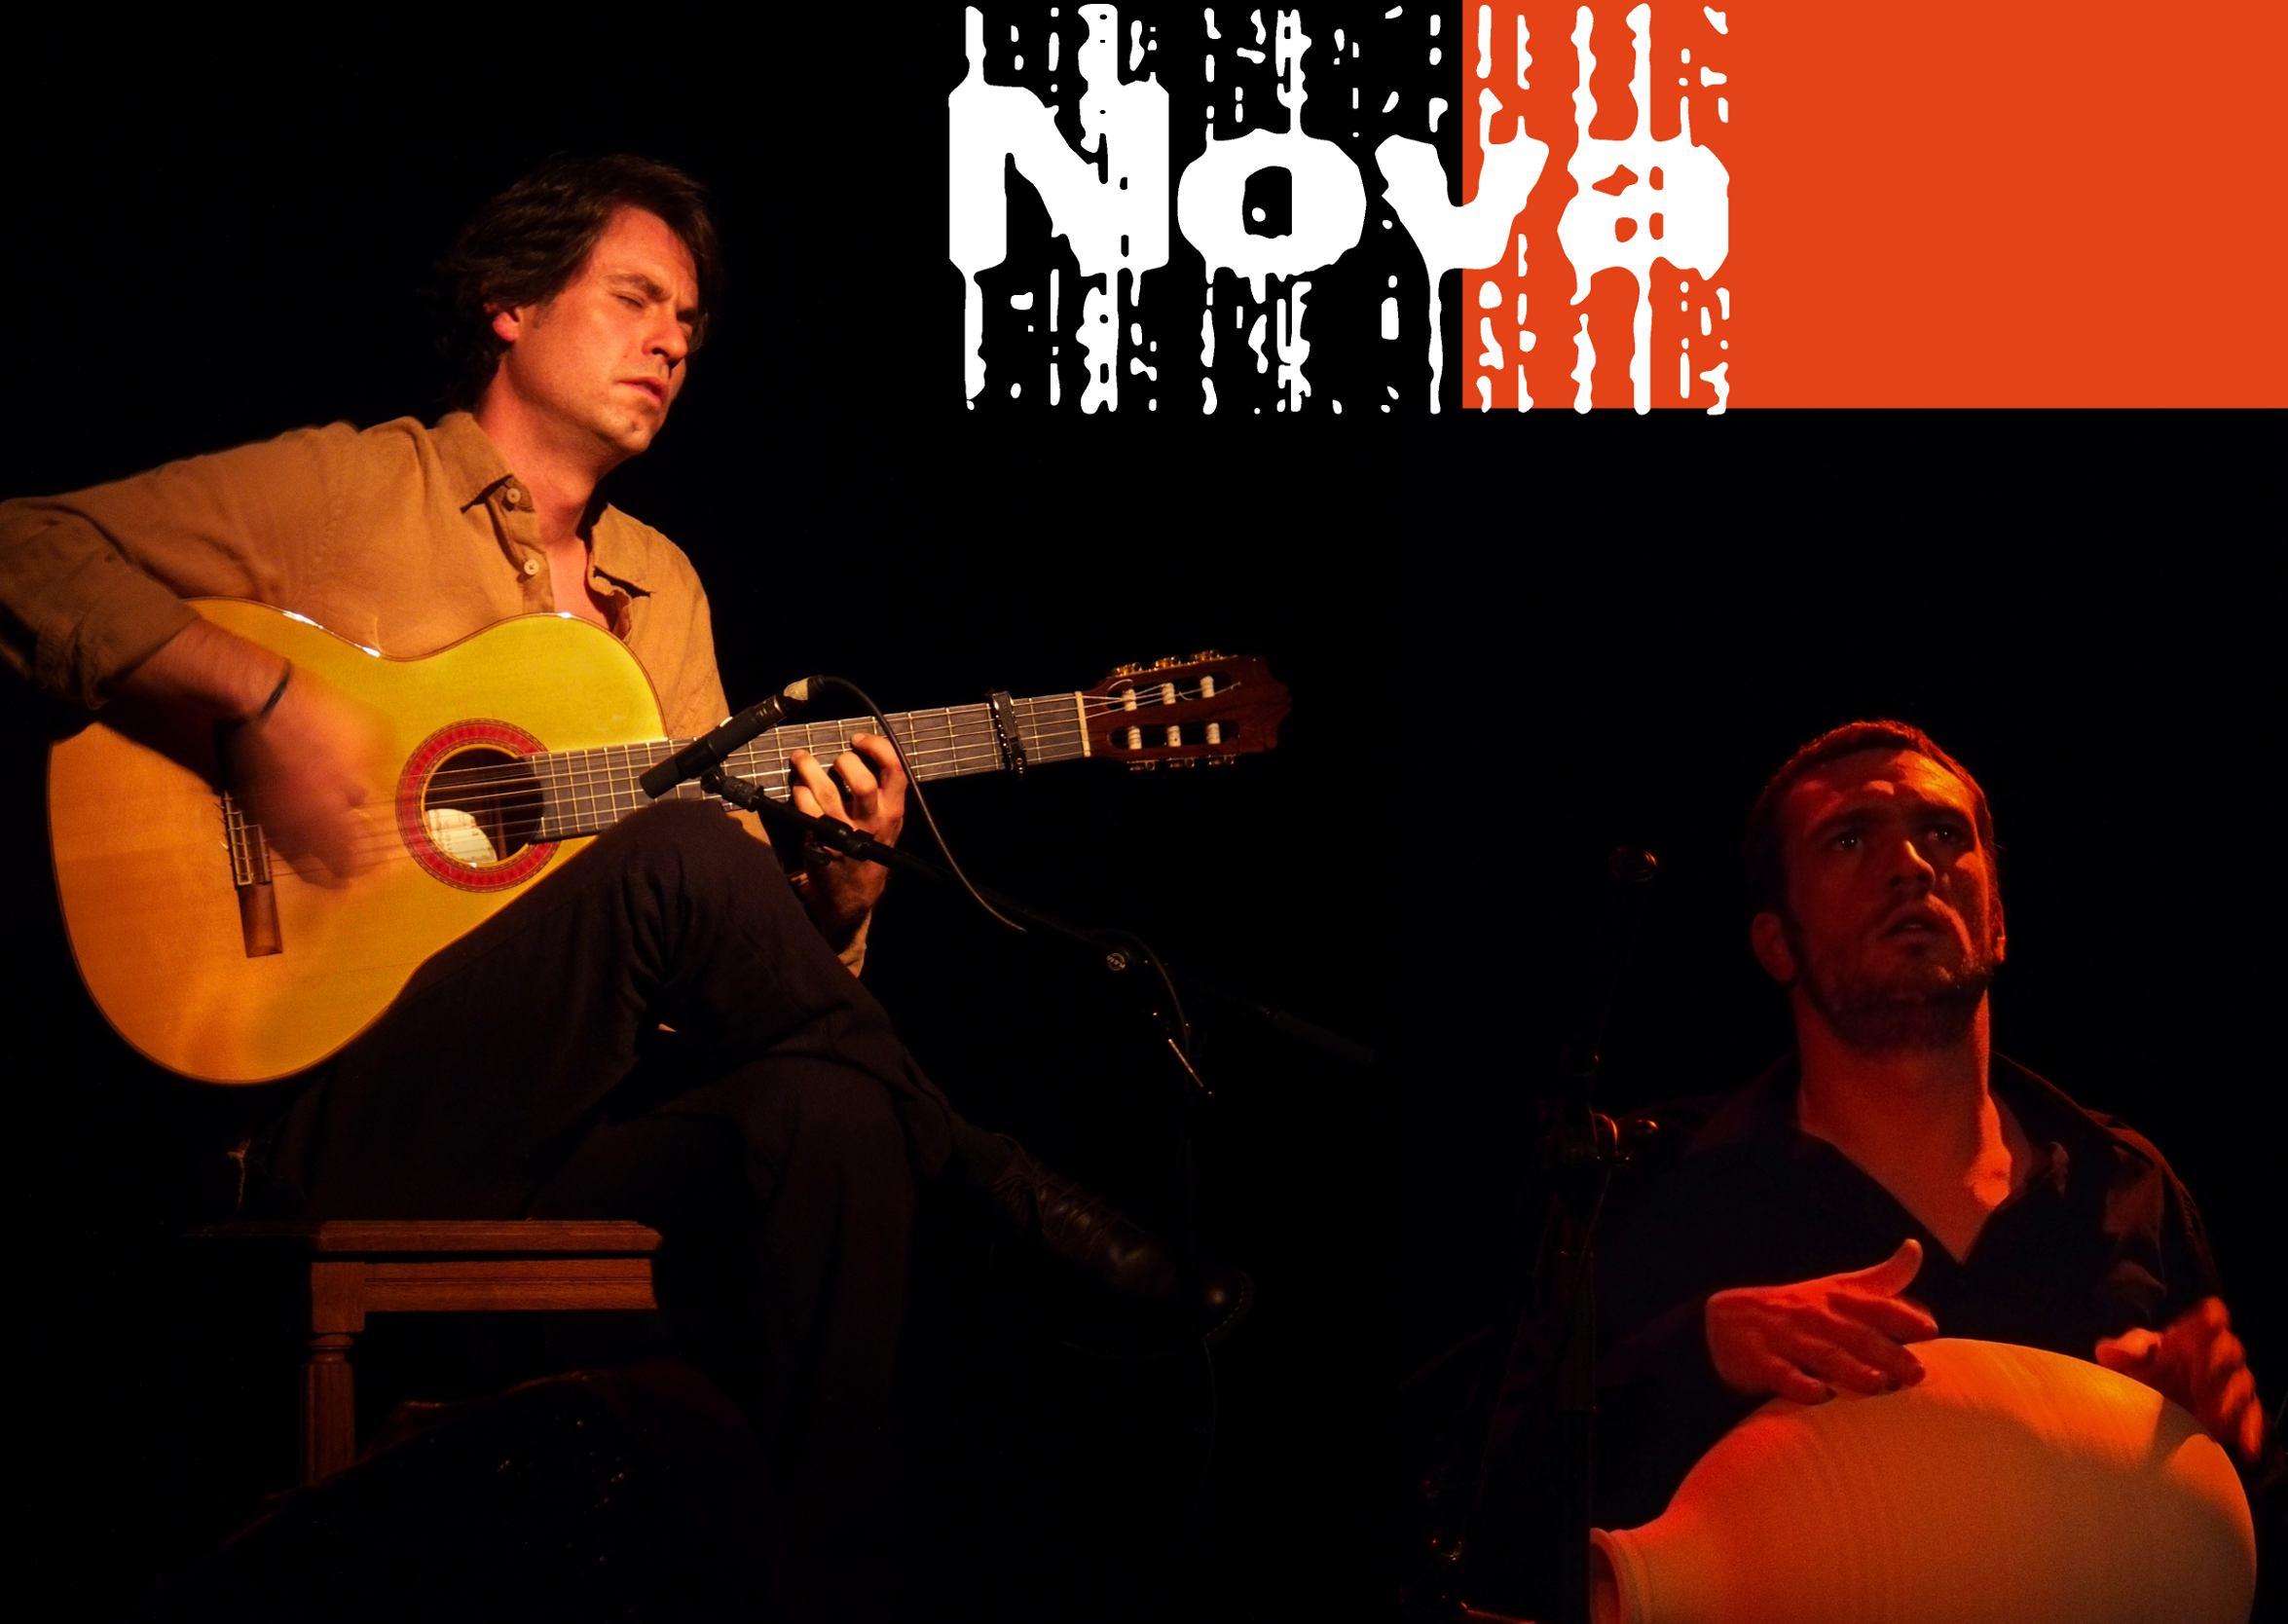 Carriera Nova <br> Duo Flamenco Instrumental